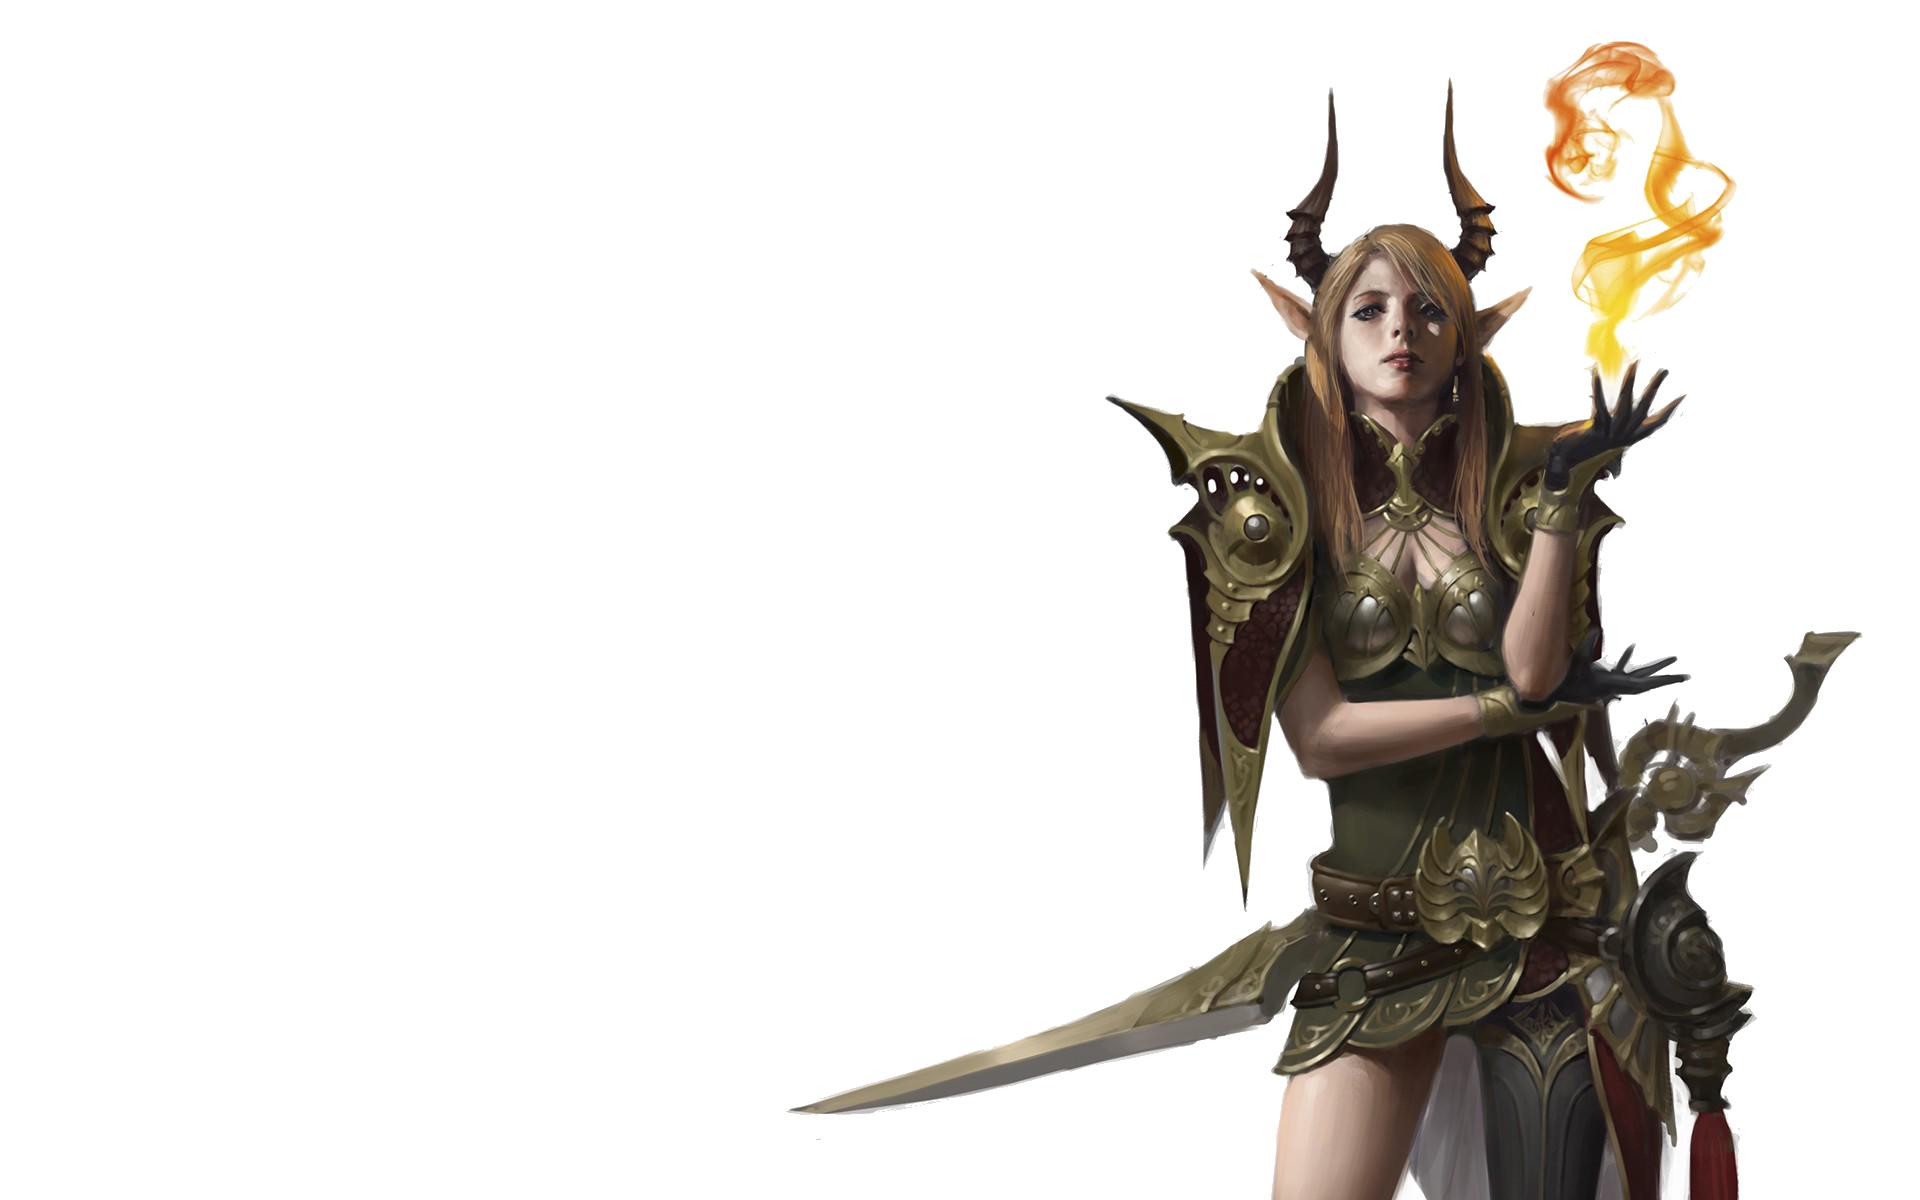 Fantasy Free PNG Image - Fantasy PNG